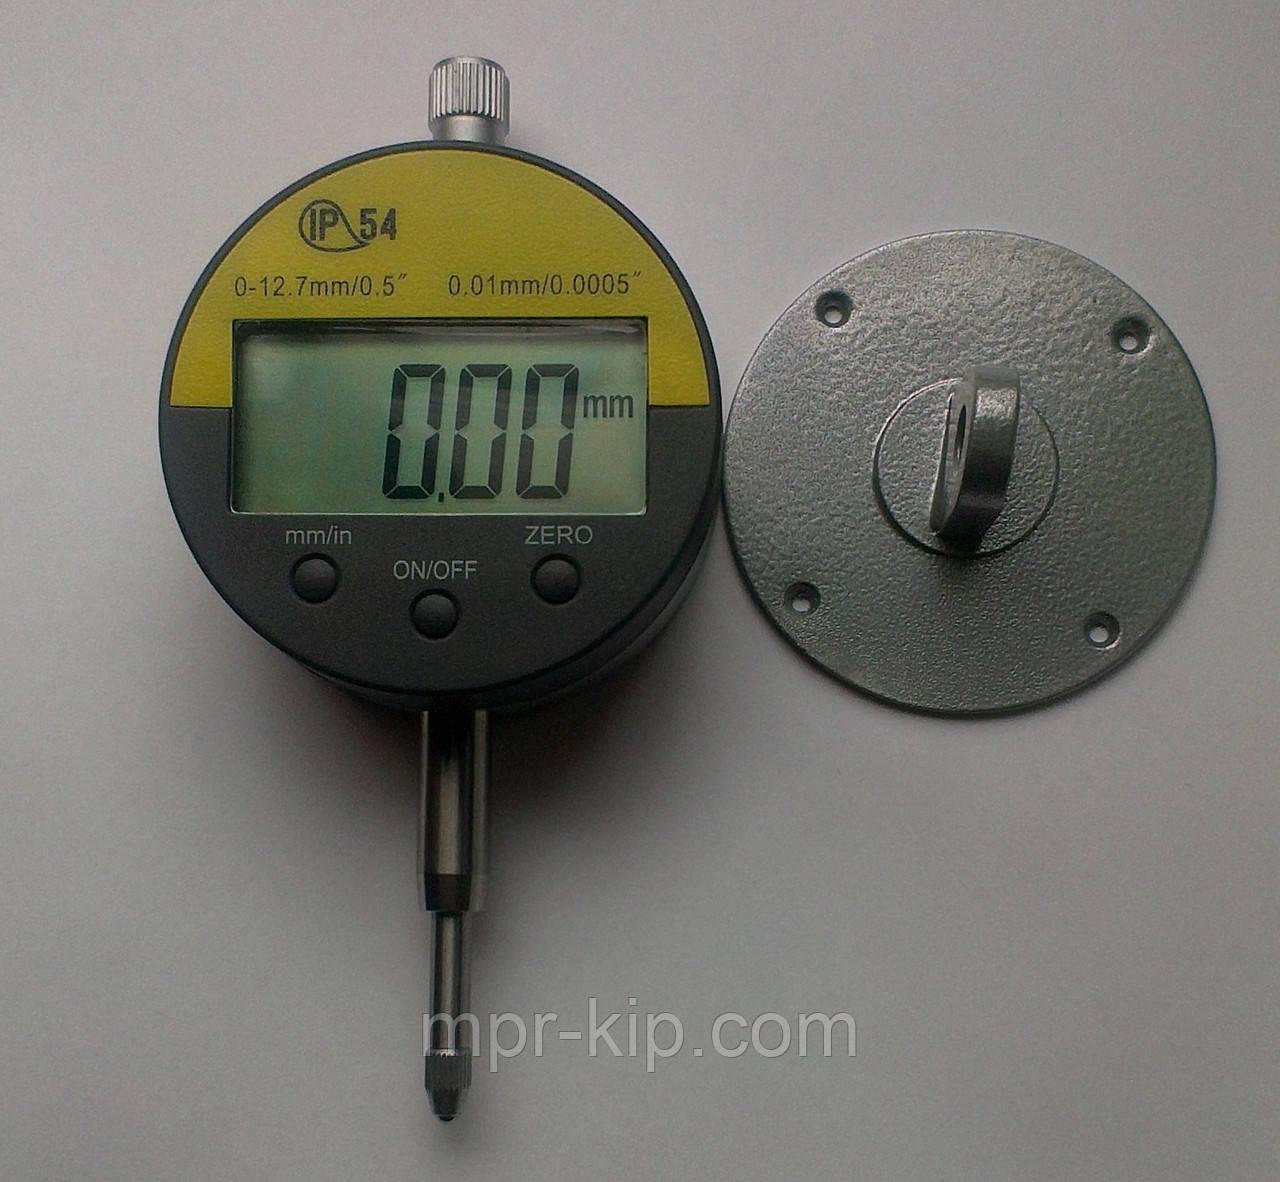 Цифровий індикатор годинникового типу ИЧЦ 0-12,7 мм (0,01 мм) з вушком у водозащитном корпусі IP54